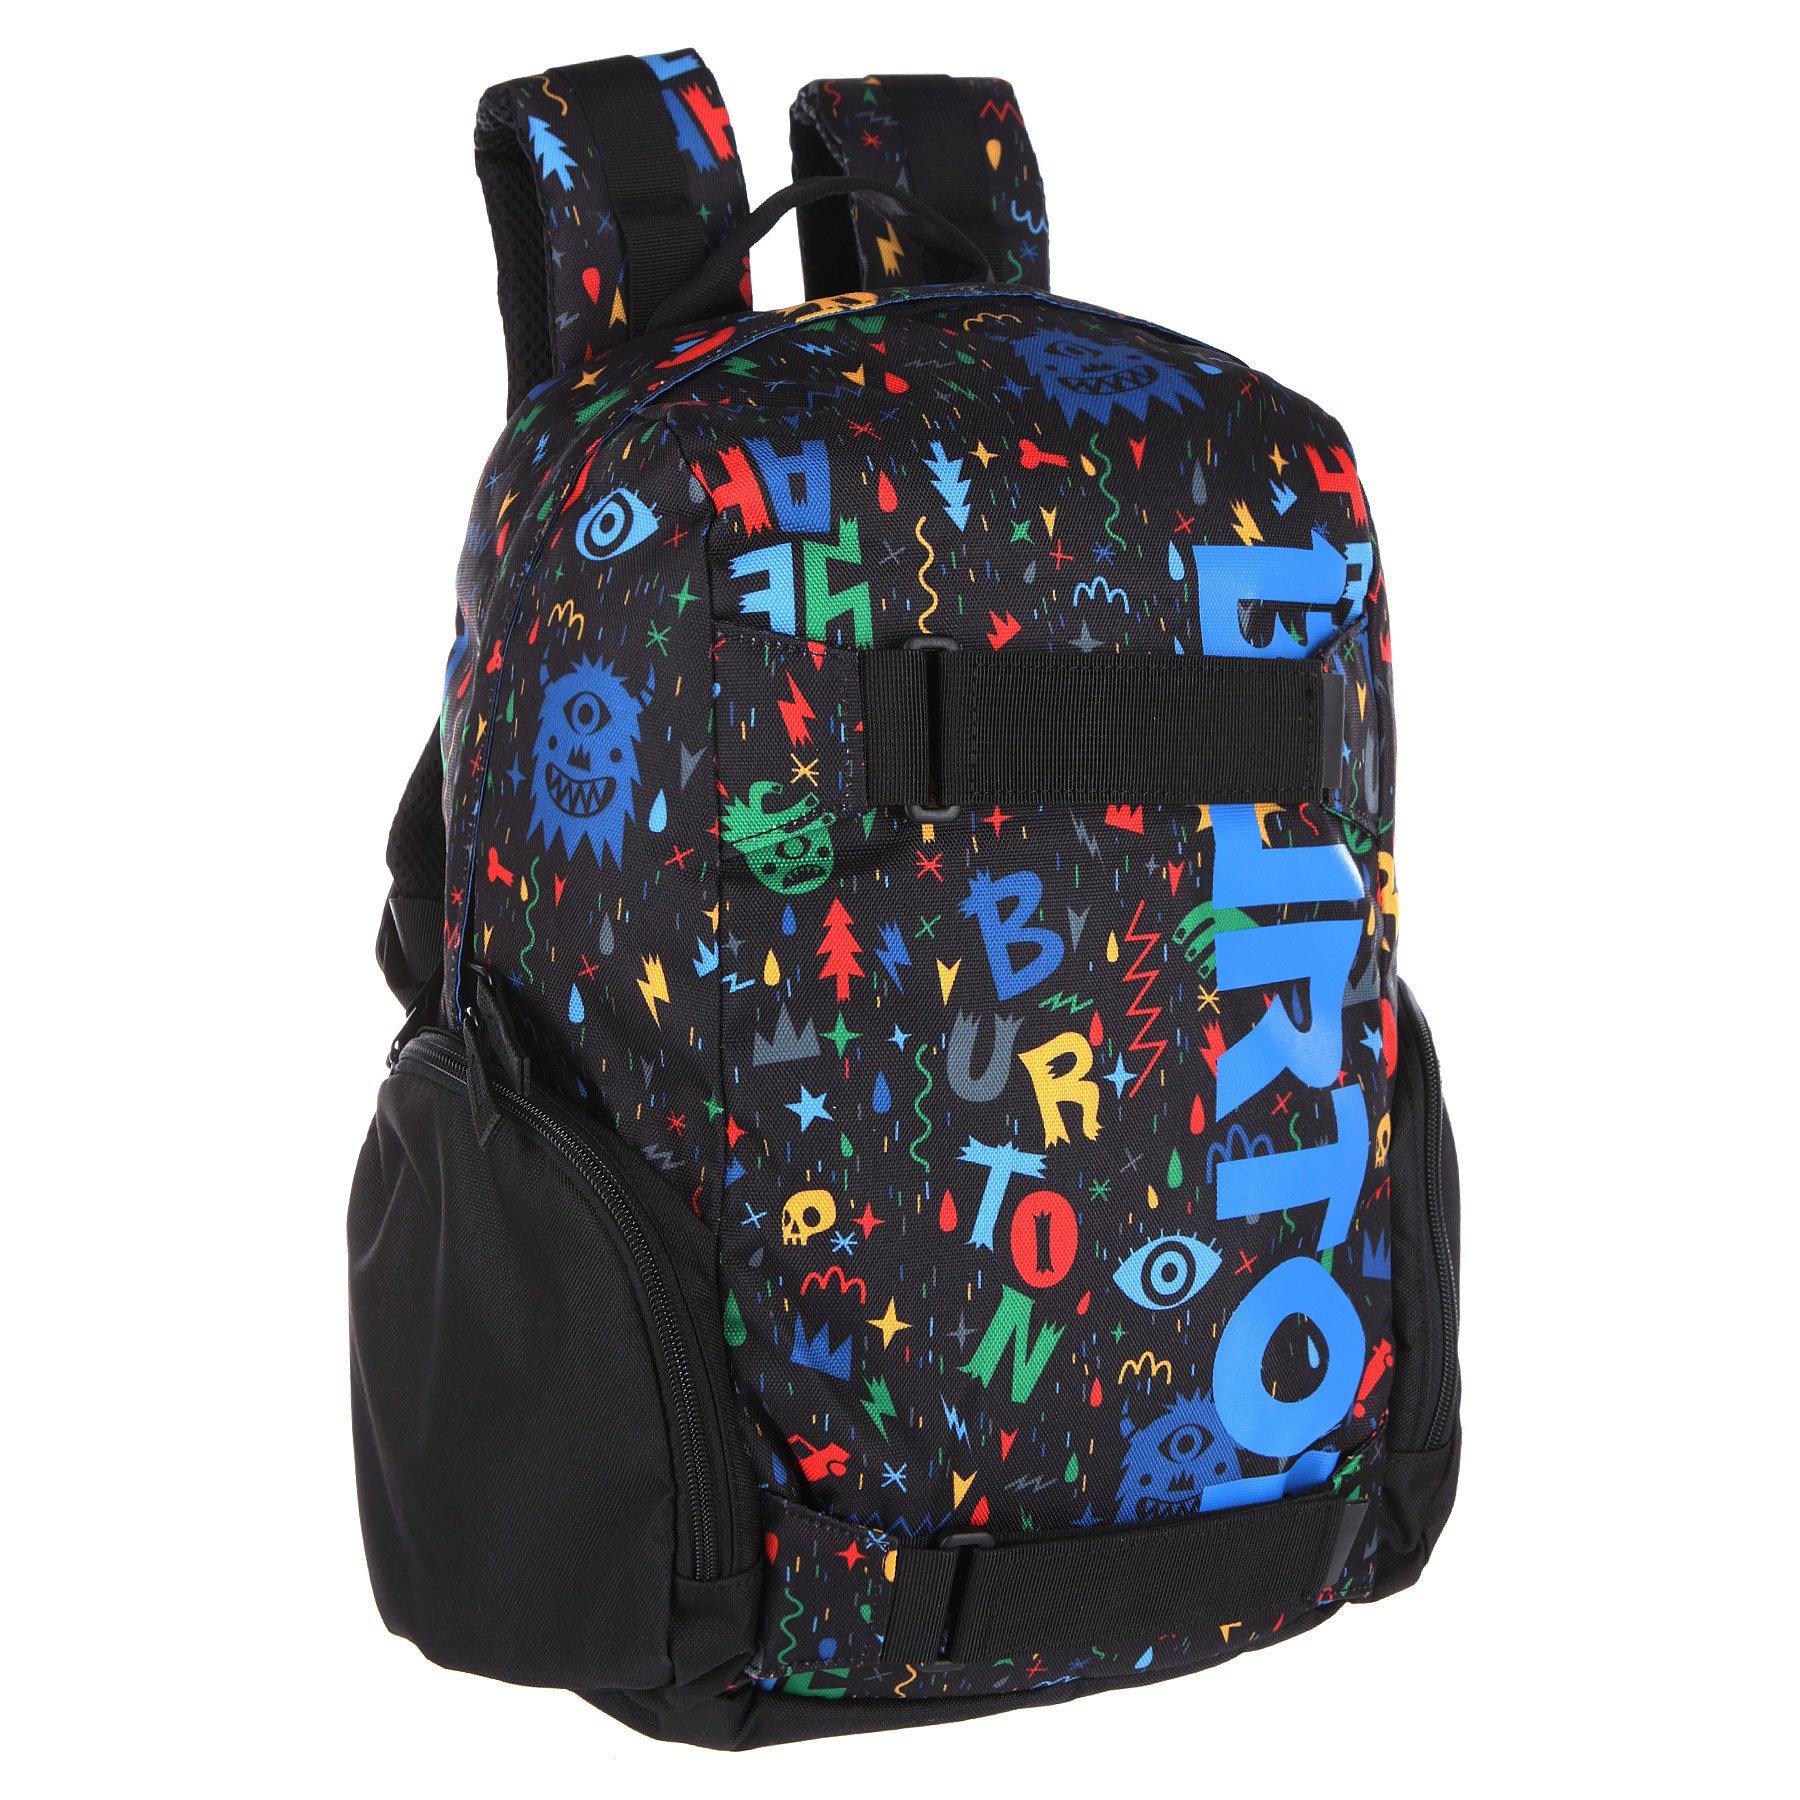 187d8fbc9b0a Купить рюкзак спортивный детский Burton Yth Emphasis Yeah! в ...